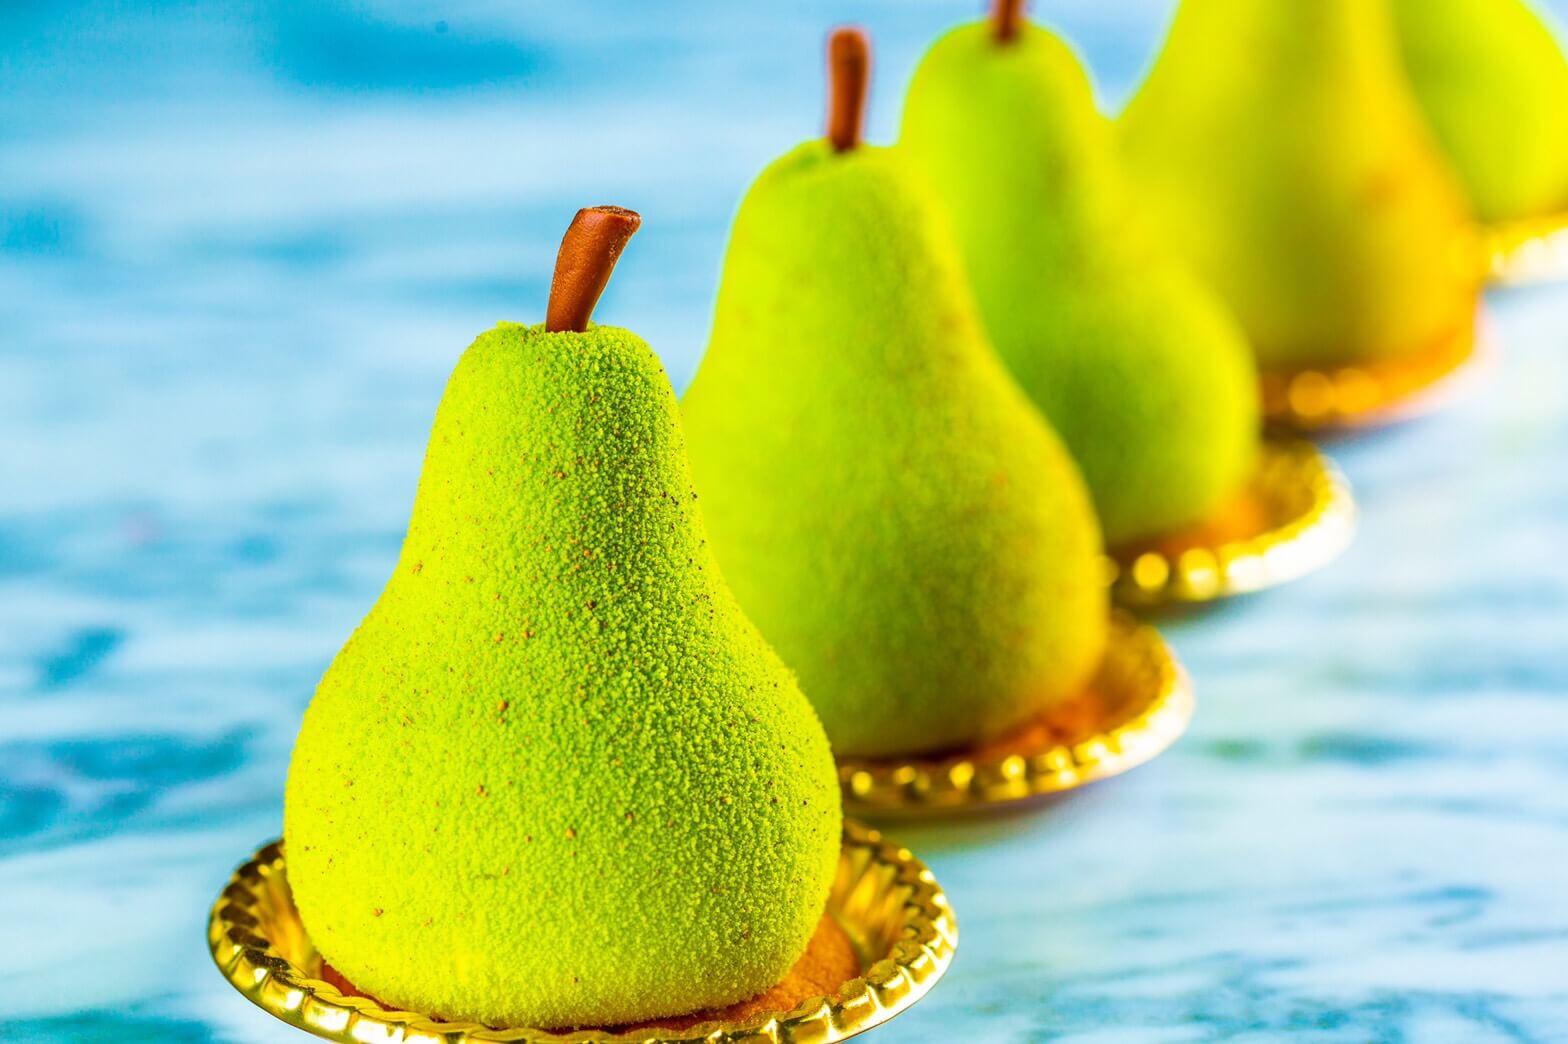 由Anywhere Door帶來的秋天限定甜點「原宿ら・ふらんす」登場 在原宿、甜點、